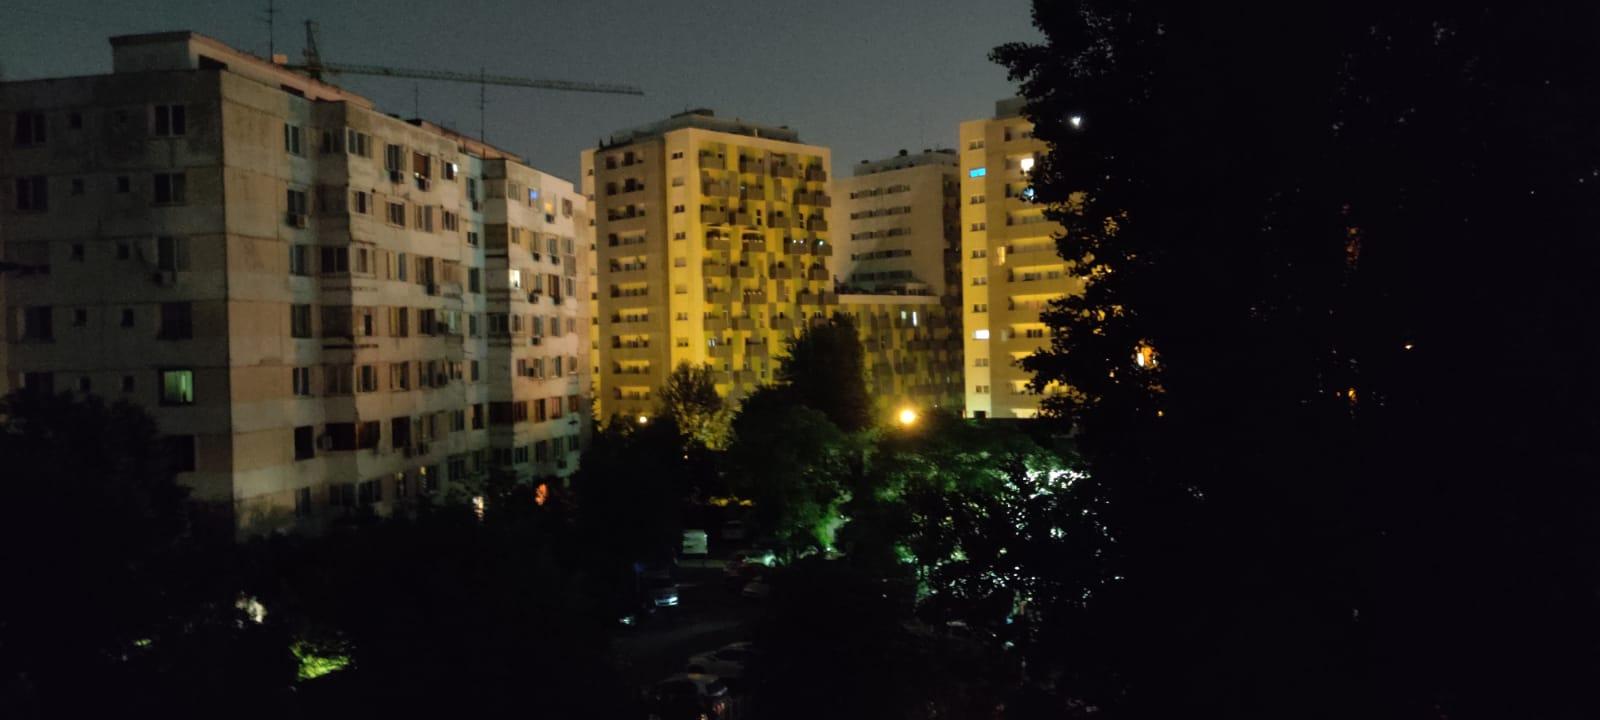 Pene de curent în București în cea mai caldă zi din an. Cartierele Dristor-Vitan, Pantelimon, Bucureștii Noi și Giulești au rămas fără curent din cauza caniculei